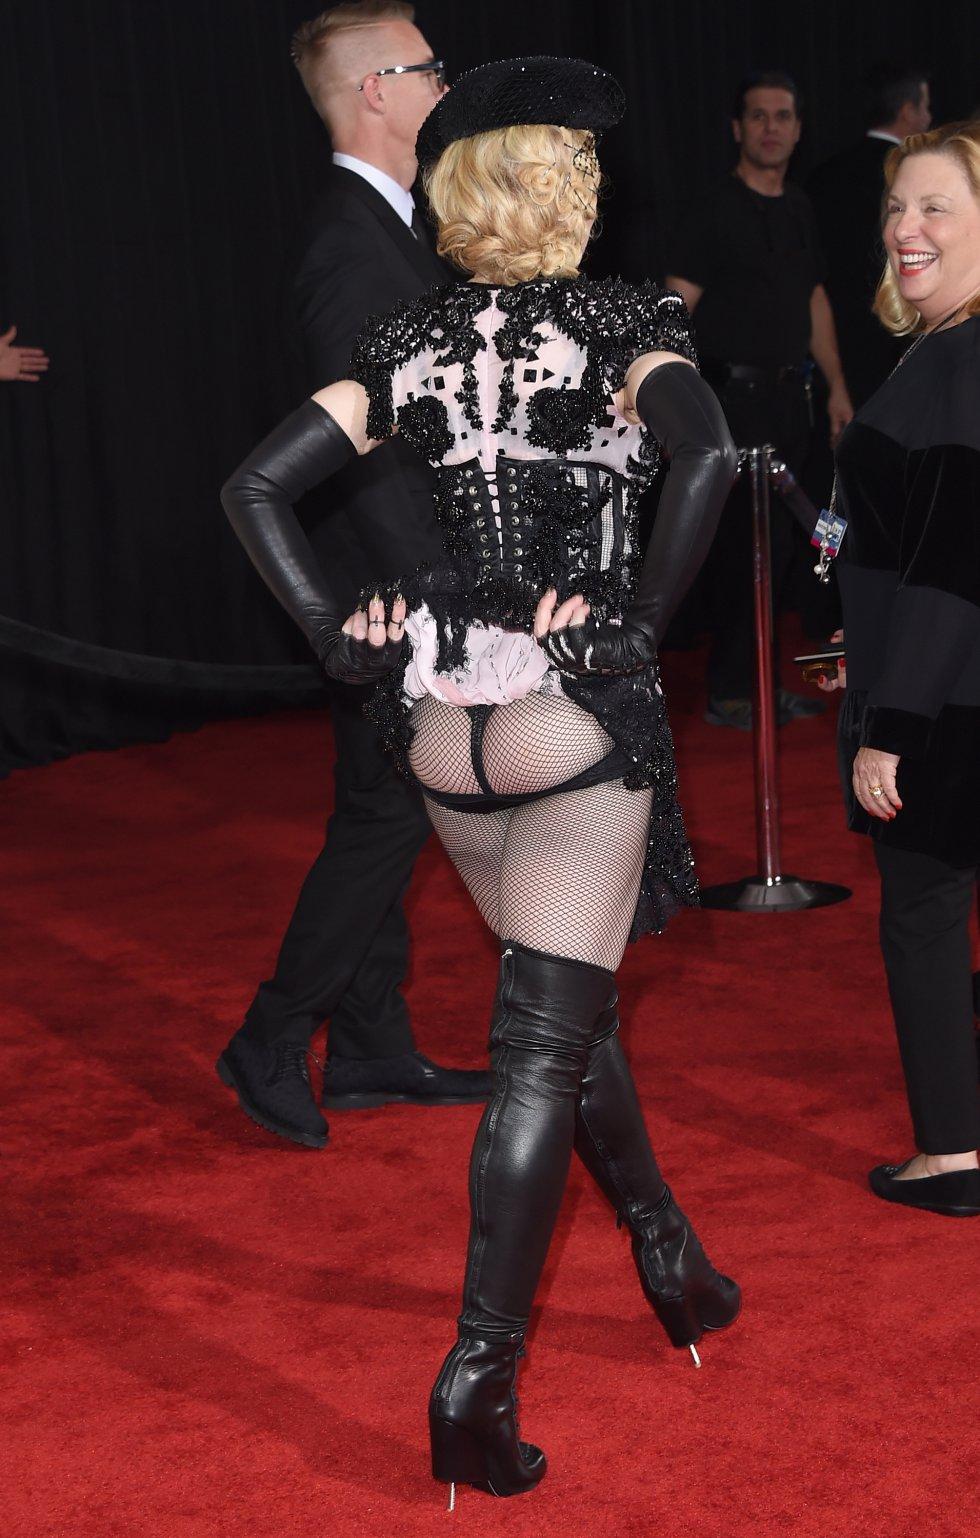 Icono del estrellato en el pop, del escándalo, de la transgresión y de la astucia comercial y artística, Madonna cumple 60 años este jueves convertida en un espejo en el que se miran y comparan incontables pretendientas a divas de la música.